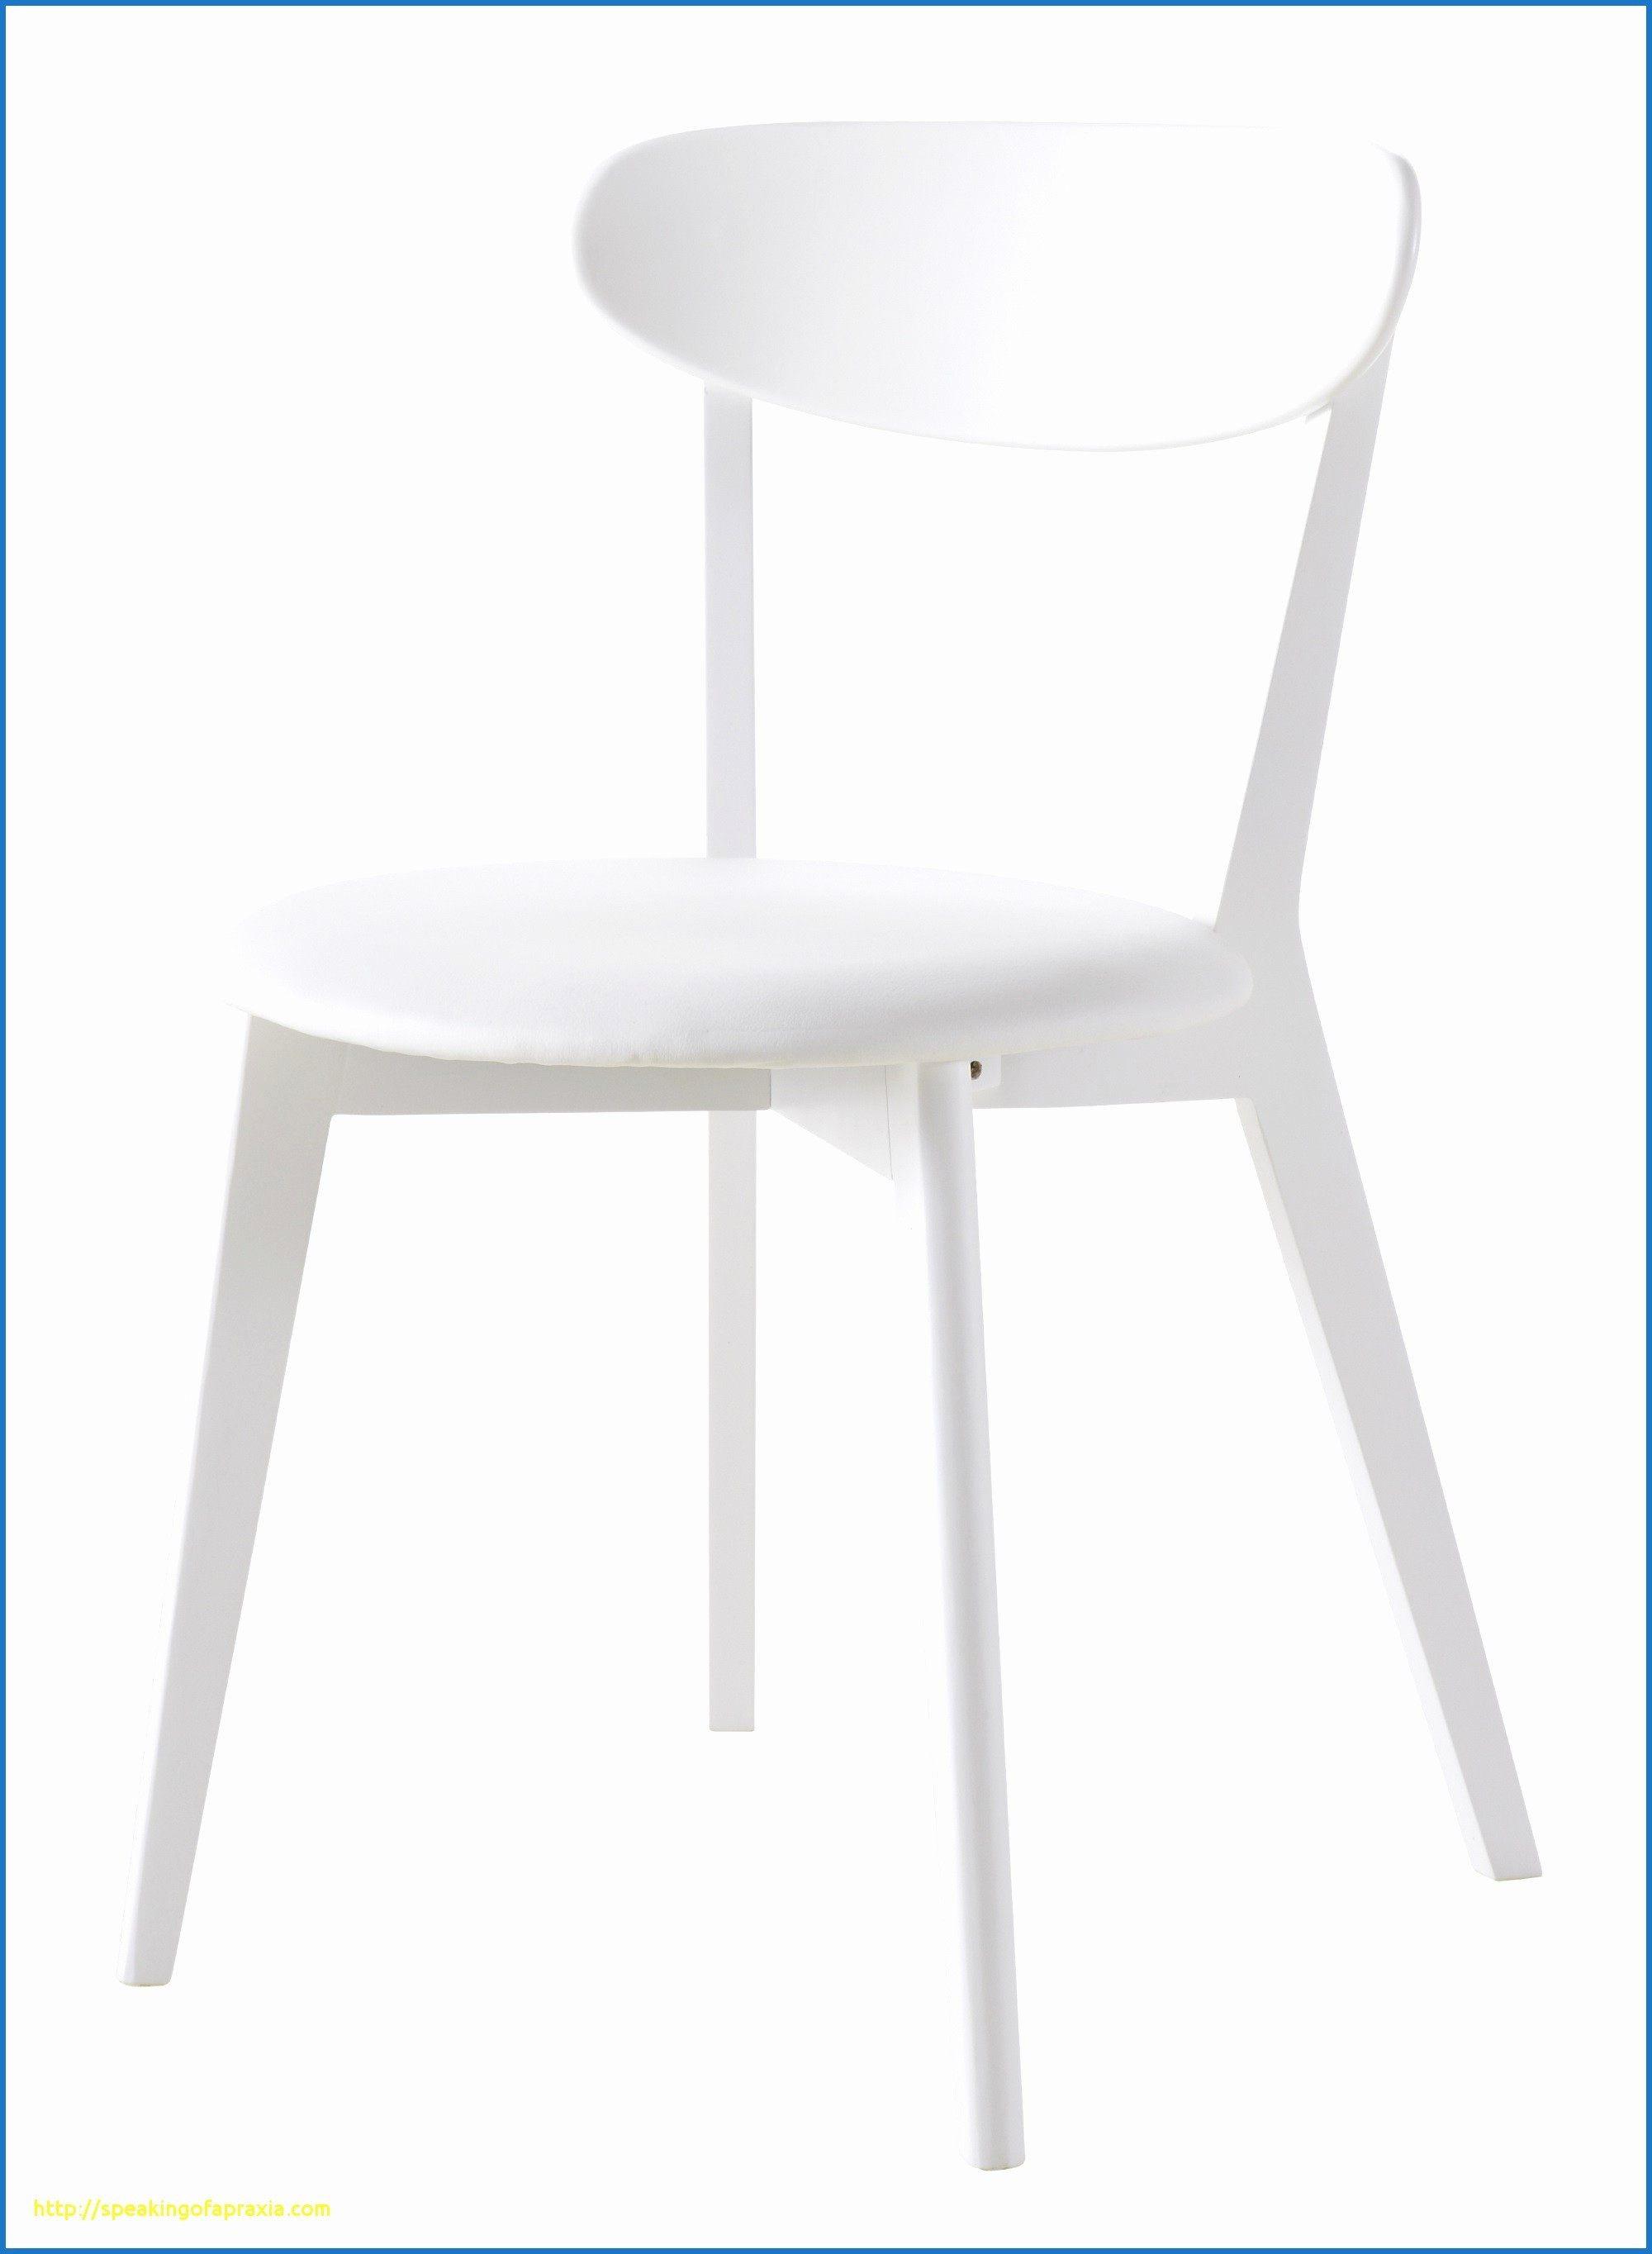 Lit Bébé Scandinave Unique Table Chaise Bébé 1 An 13 Beau Meuble Baignoire Bebe Anciendemutu